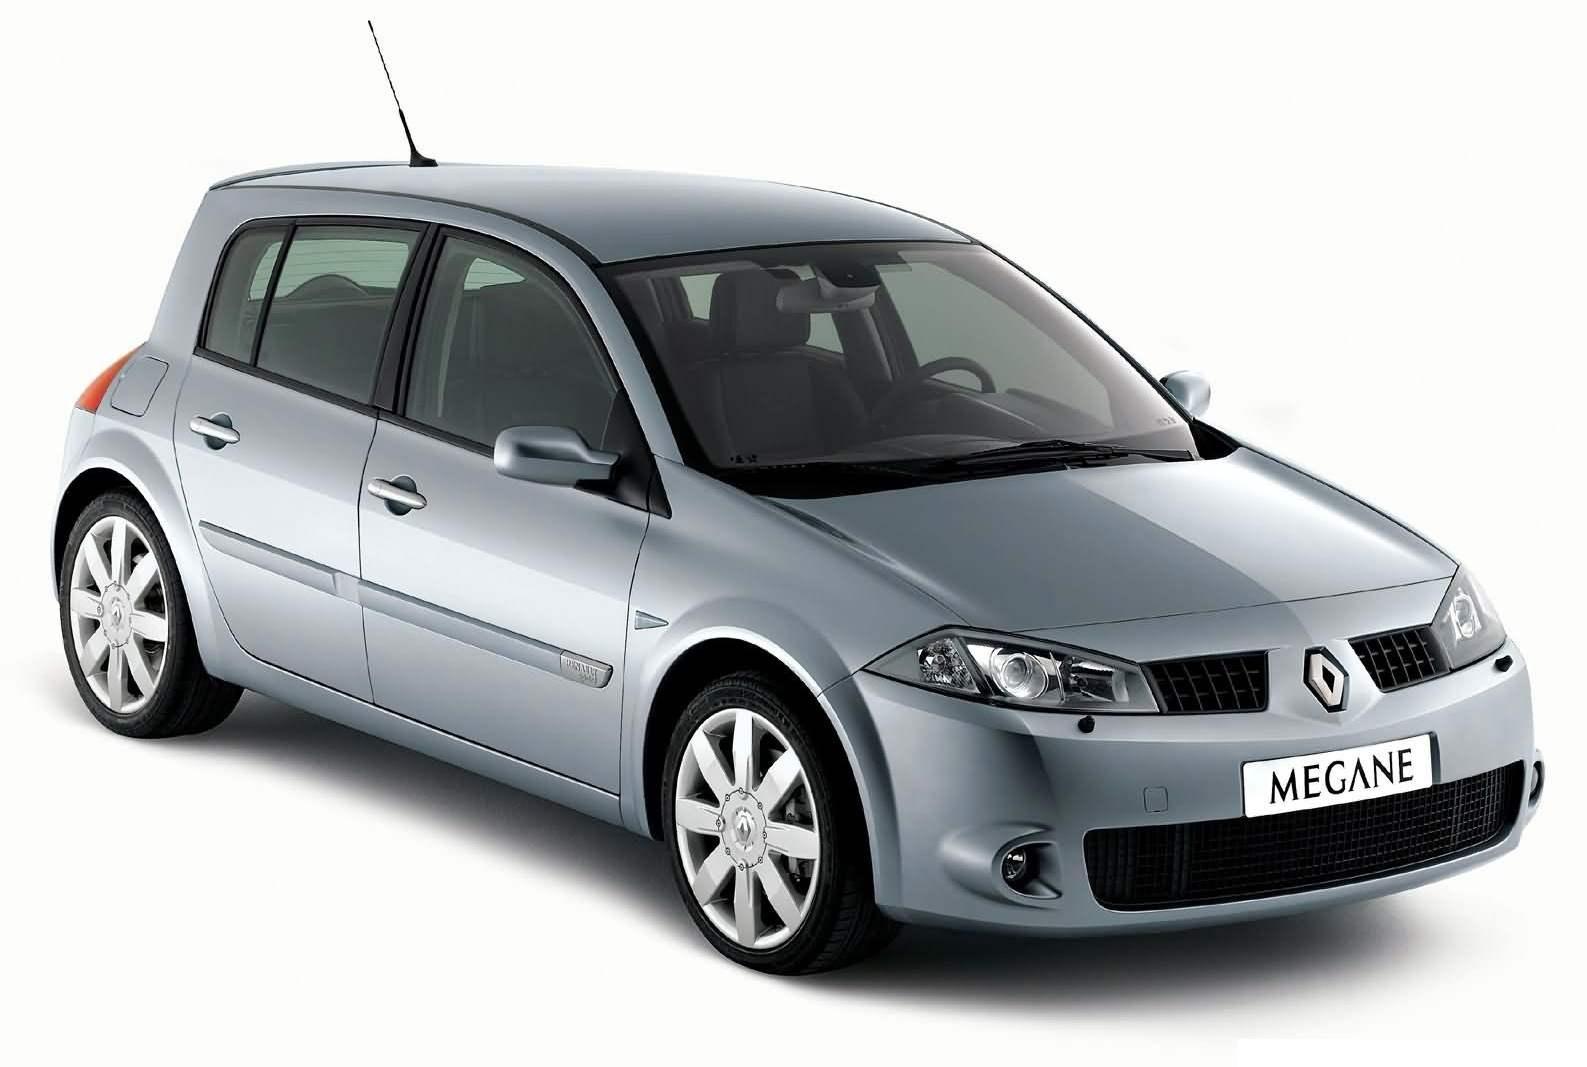 Автомобили Renault Меgane выпускались в версиях: седан, пятидверный хэтчбек, трёхдверный хетчбек Megane Coach, универсал Megane Sport Tourer, двухдверный купе-кабриолет Megane СС и Megane Sport с 2-литровым турбированным двигателем мощностью 225 л.с.